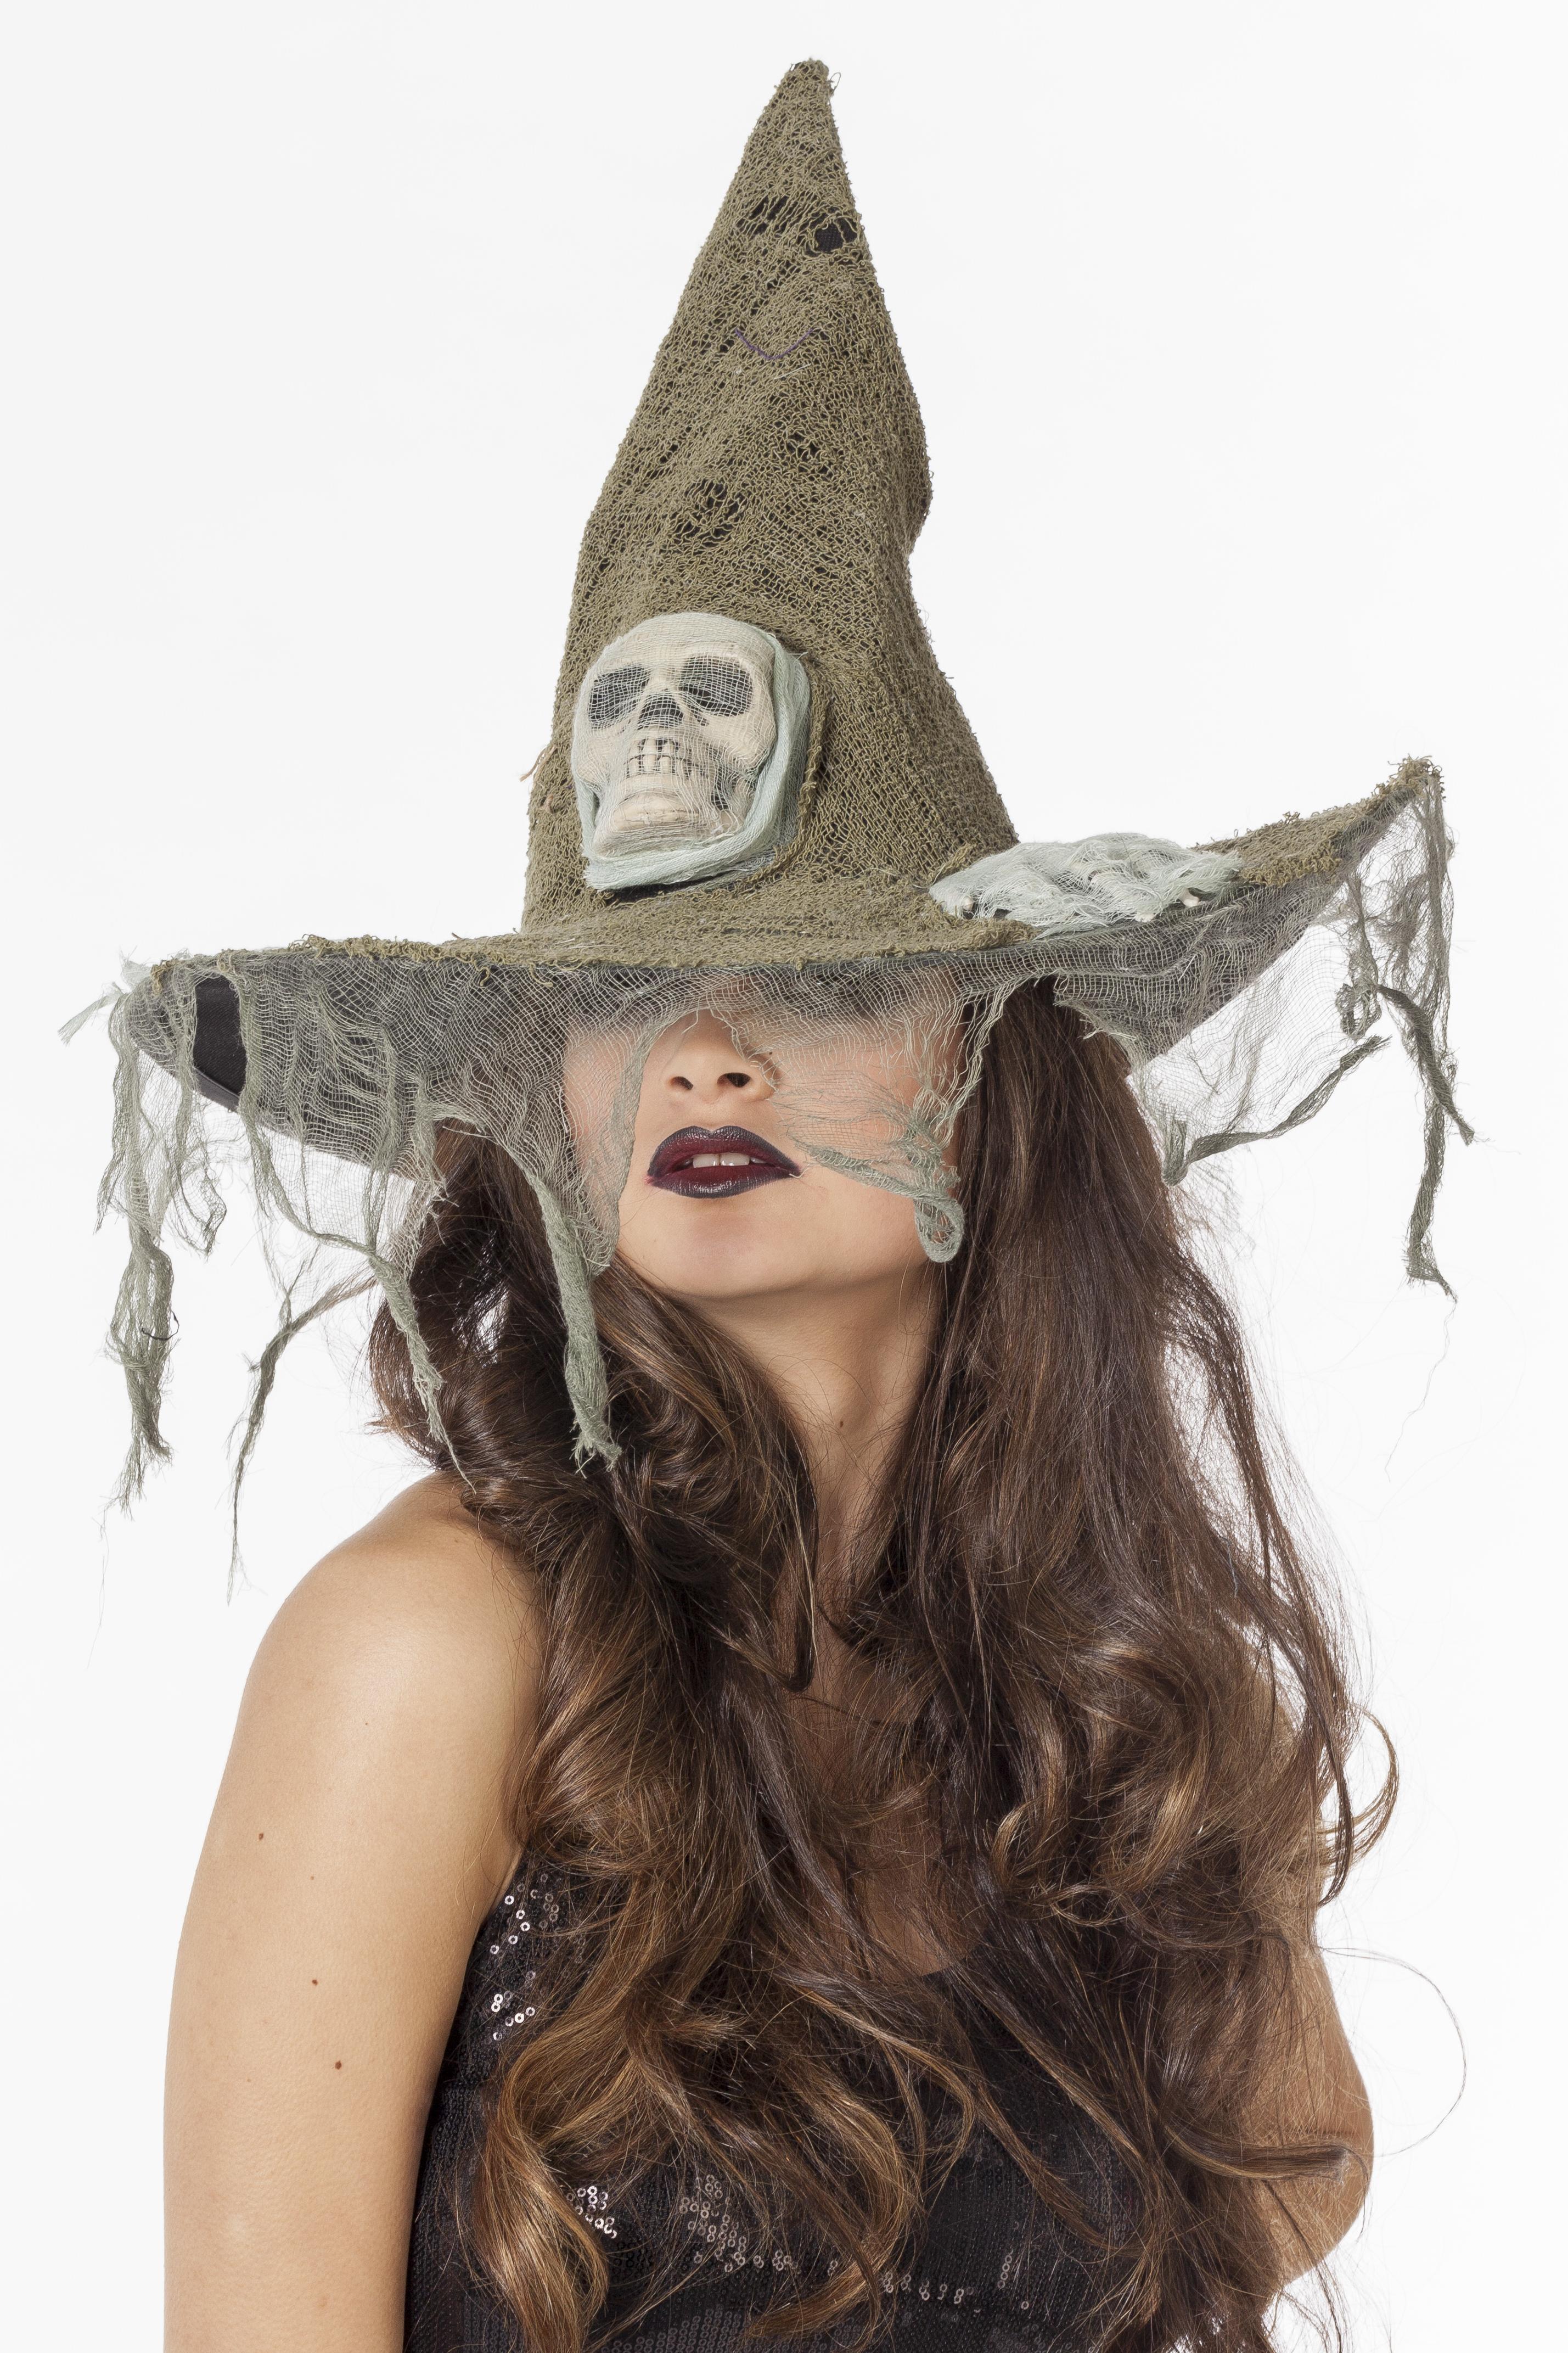 Heksen hoed met doodshoofd